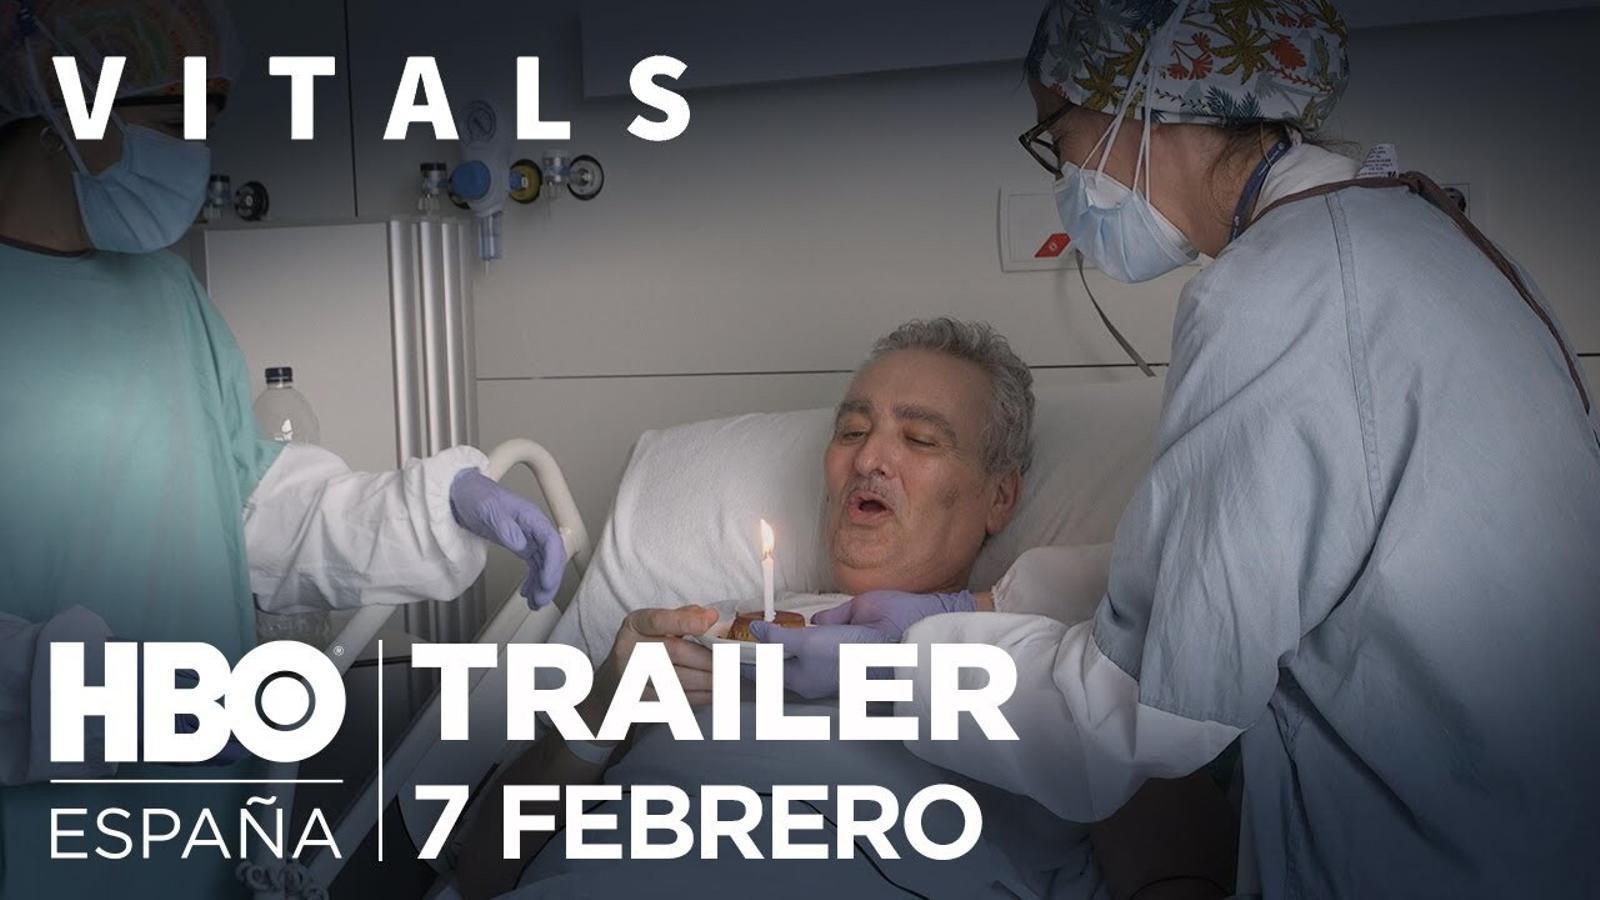 'Vitals' serà la primera sèrie de l'HBO rodada en català